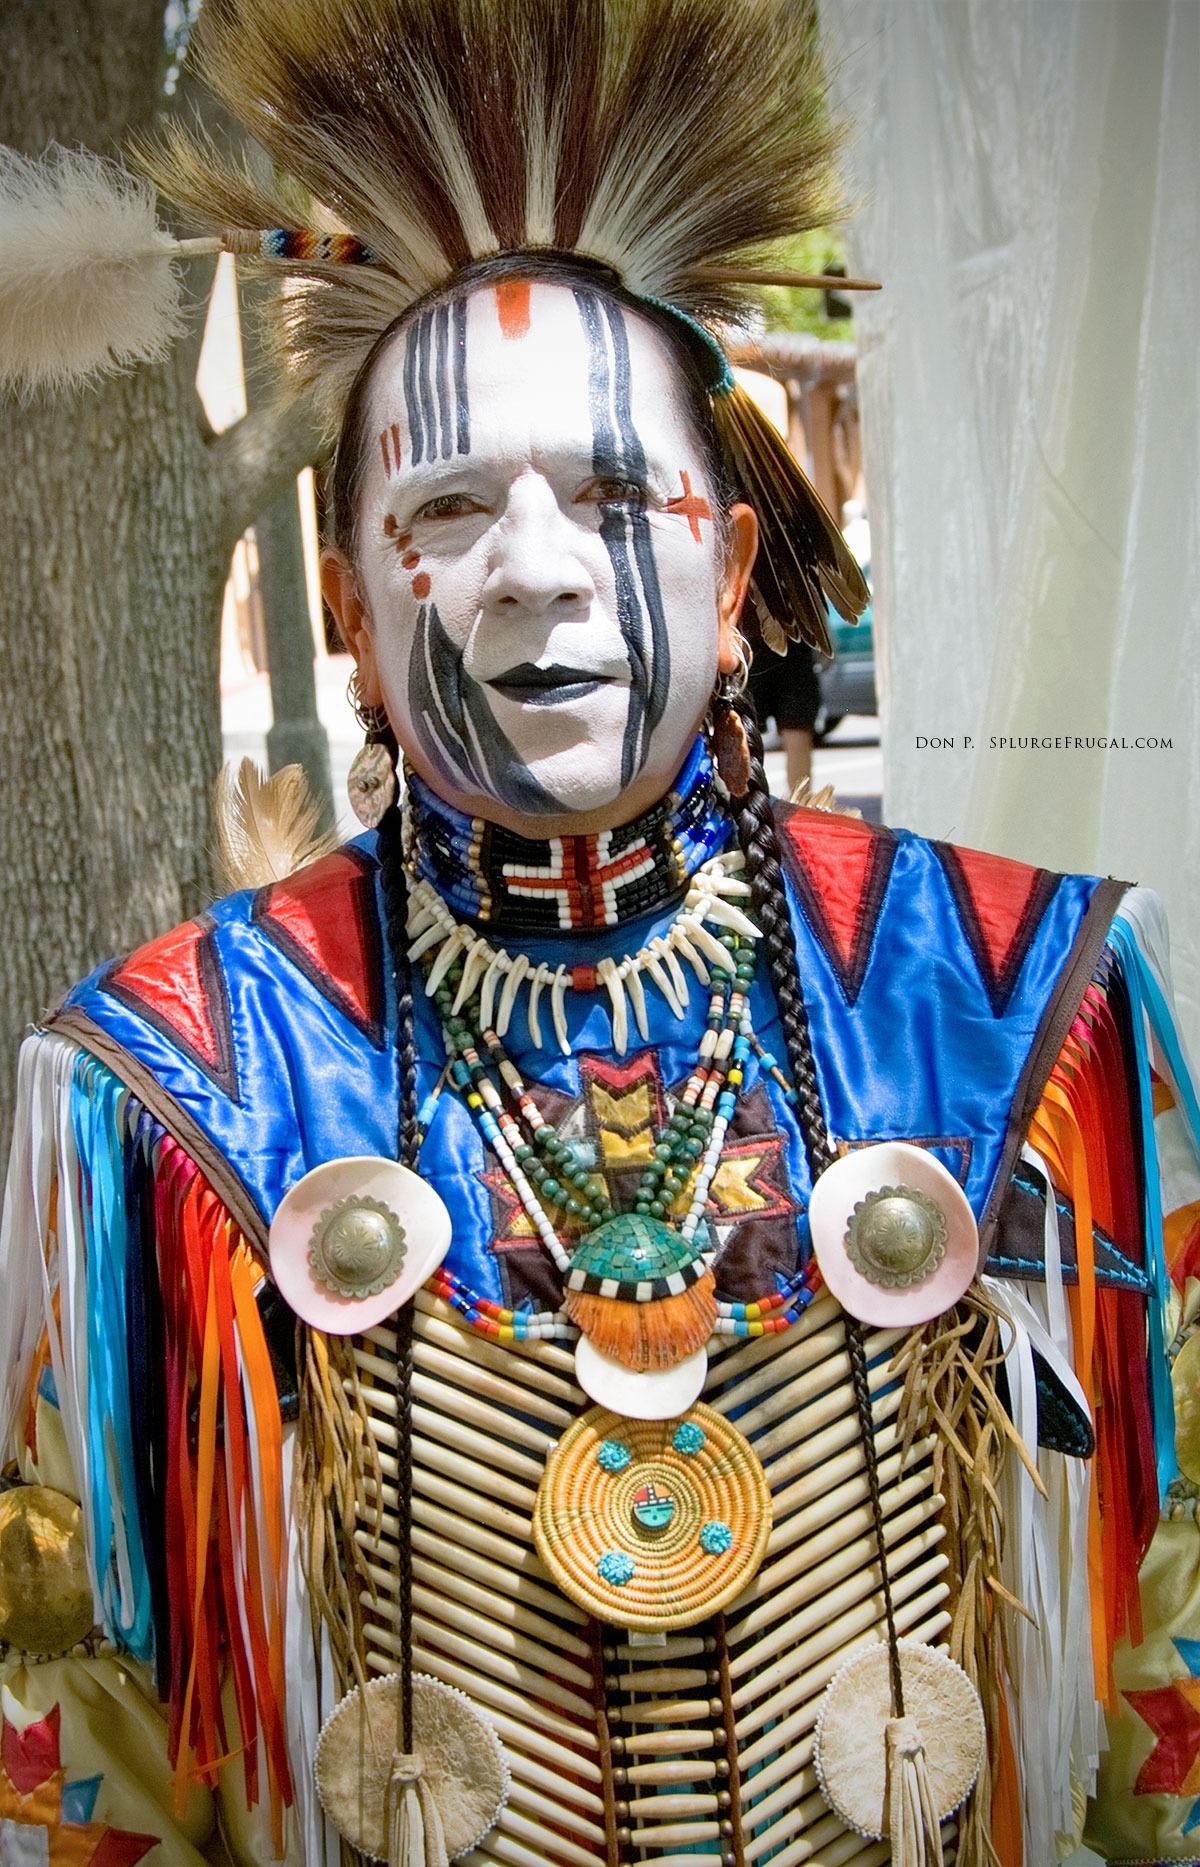 Native American performer, Albuquerque, New Mexico